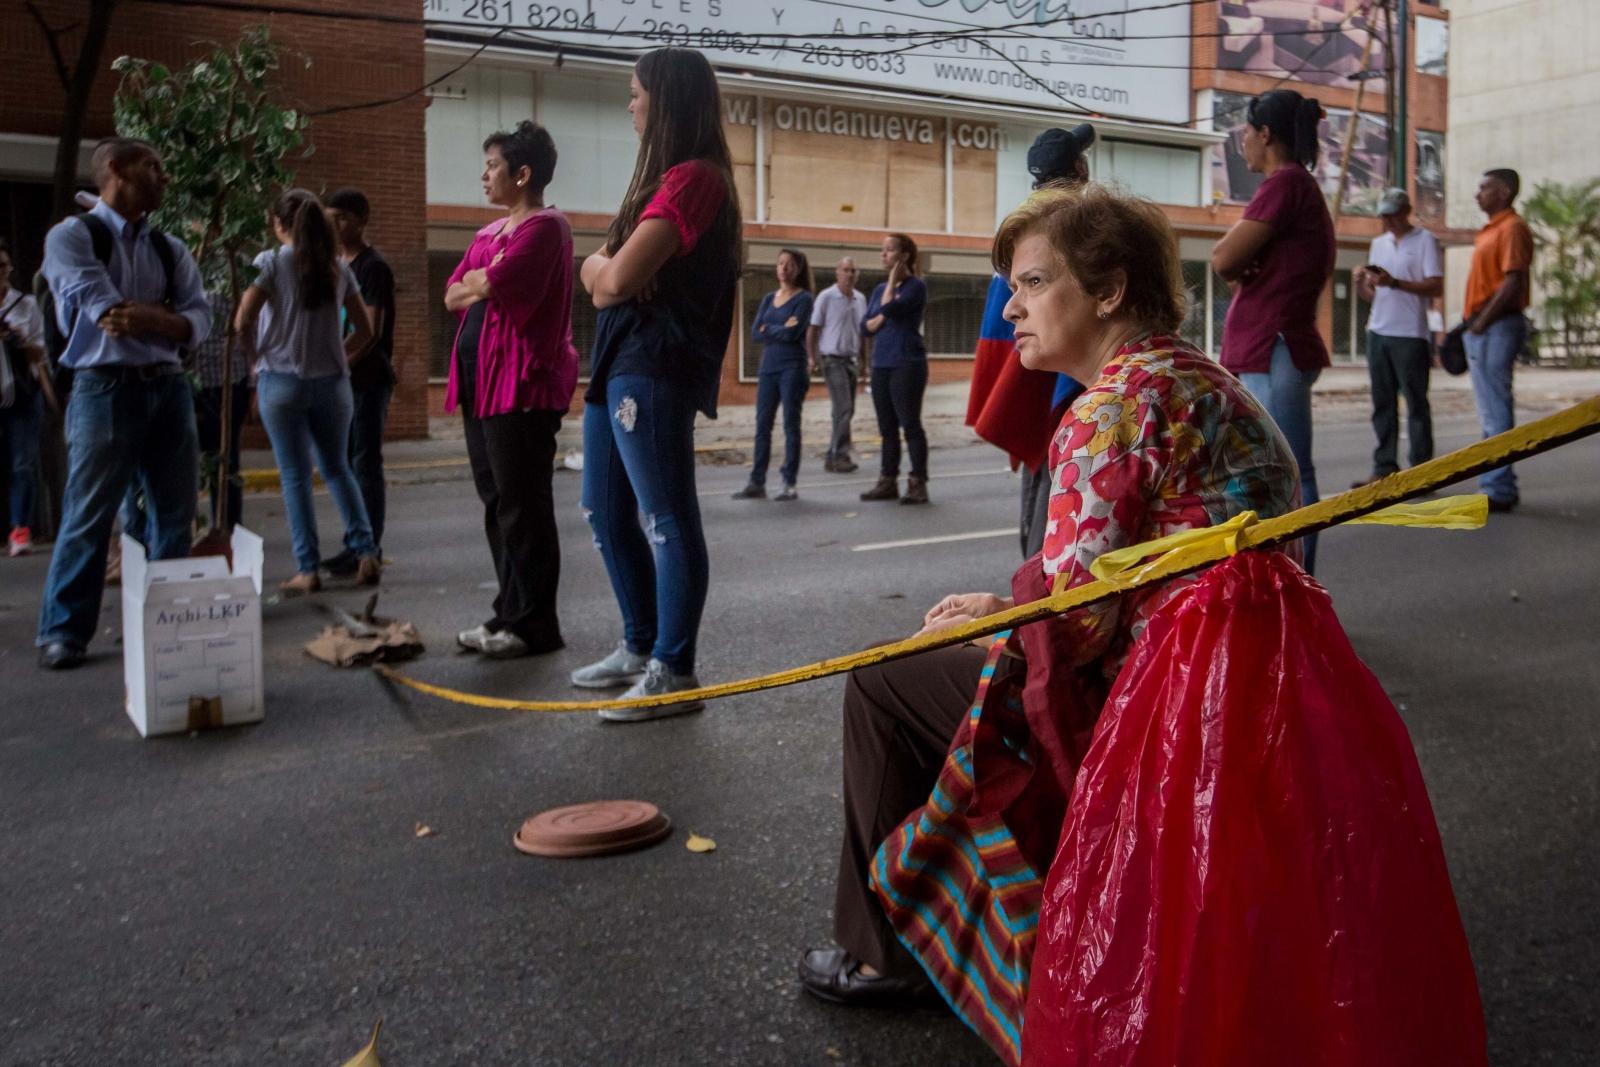 Setki demonstrantów blokują drogi i aleje w Caracas i kilka innych miast na terenie całego kraju, aby protestować przeciwko wezwaniu prezydenta Wenezueli Nicolasa Maduro do wyboru Krajowego Zgromadzenia Ustawodawczego. Wenezuela. Fot. PAP/EPA/MIGUEL GUTIERREZ